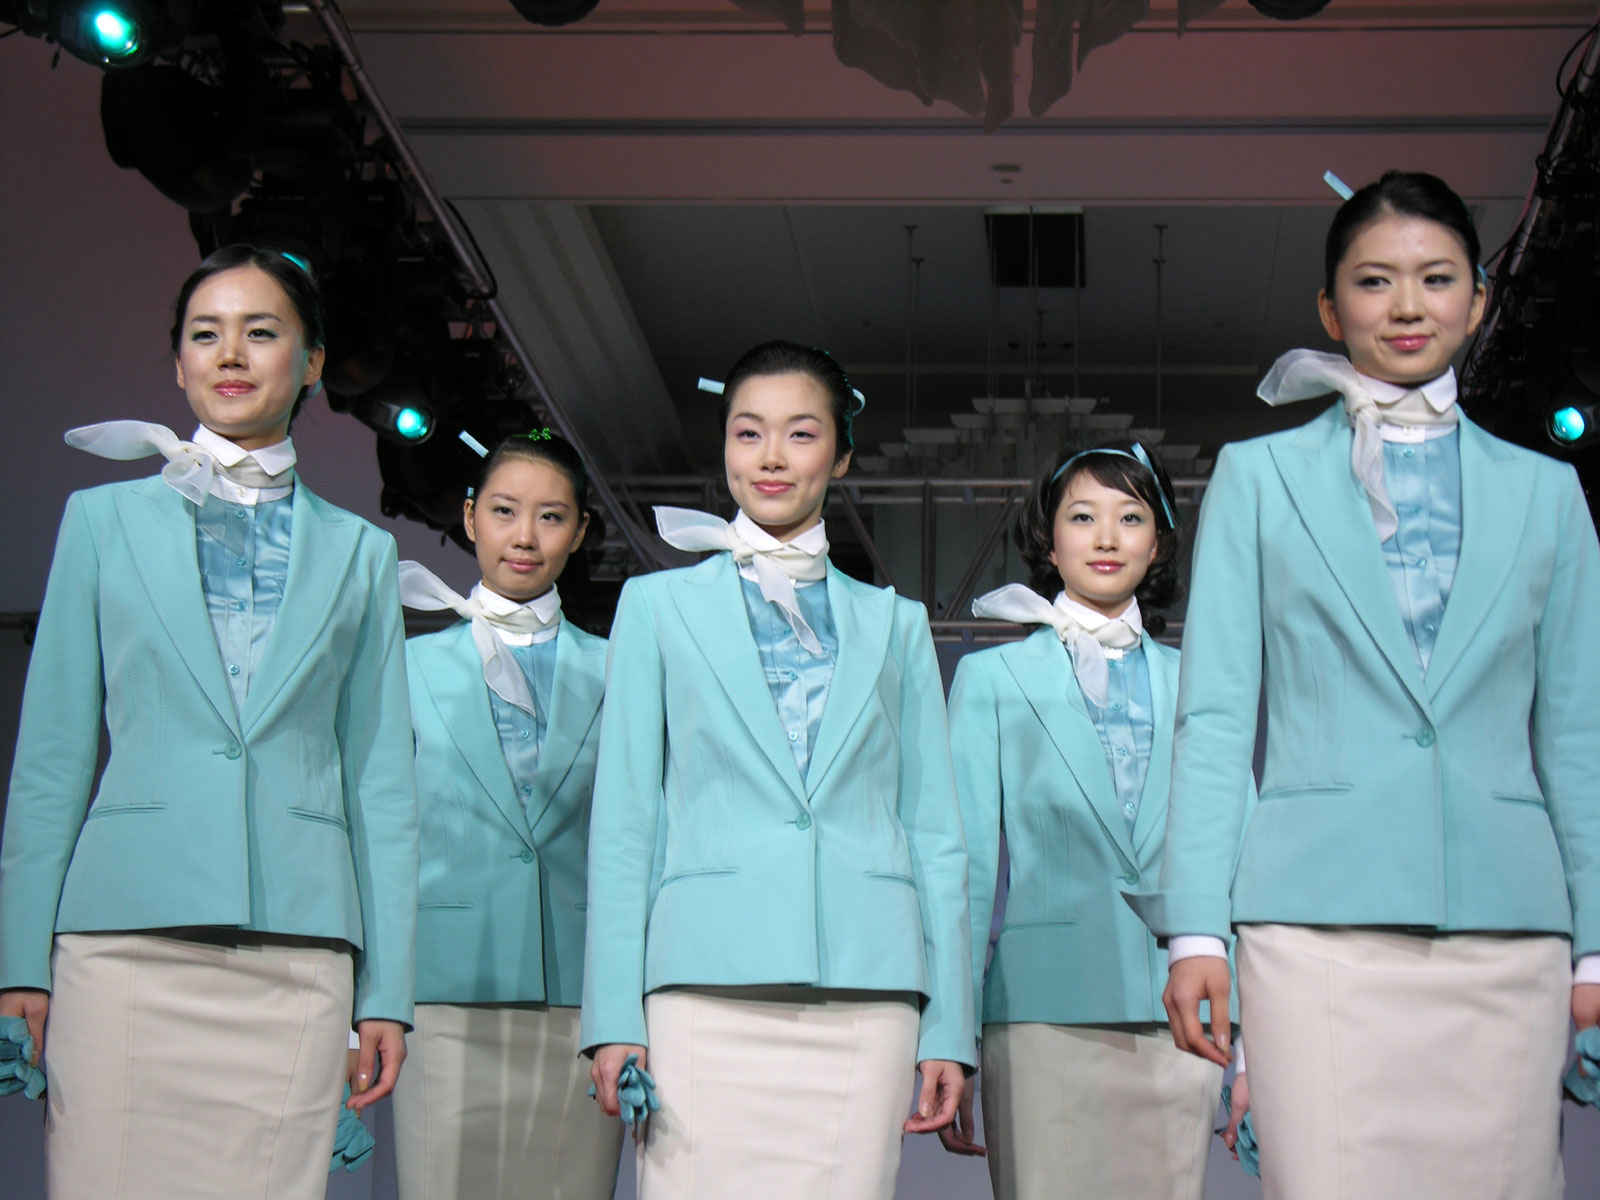 Uniforme Korea Air